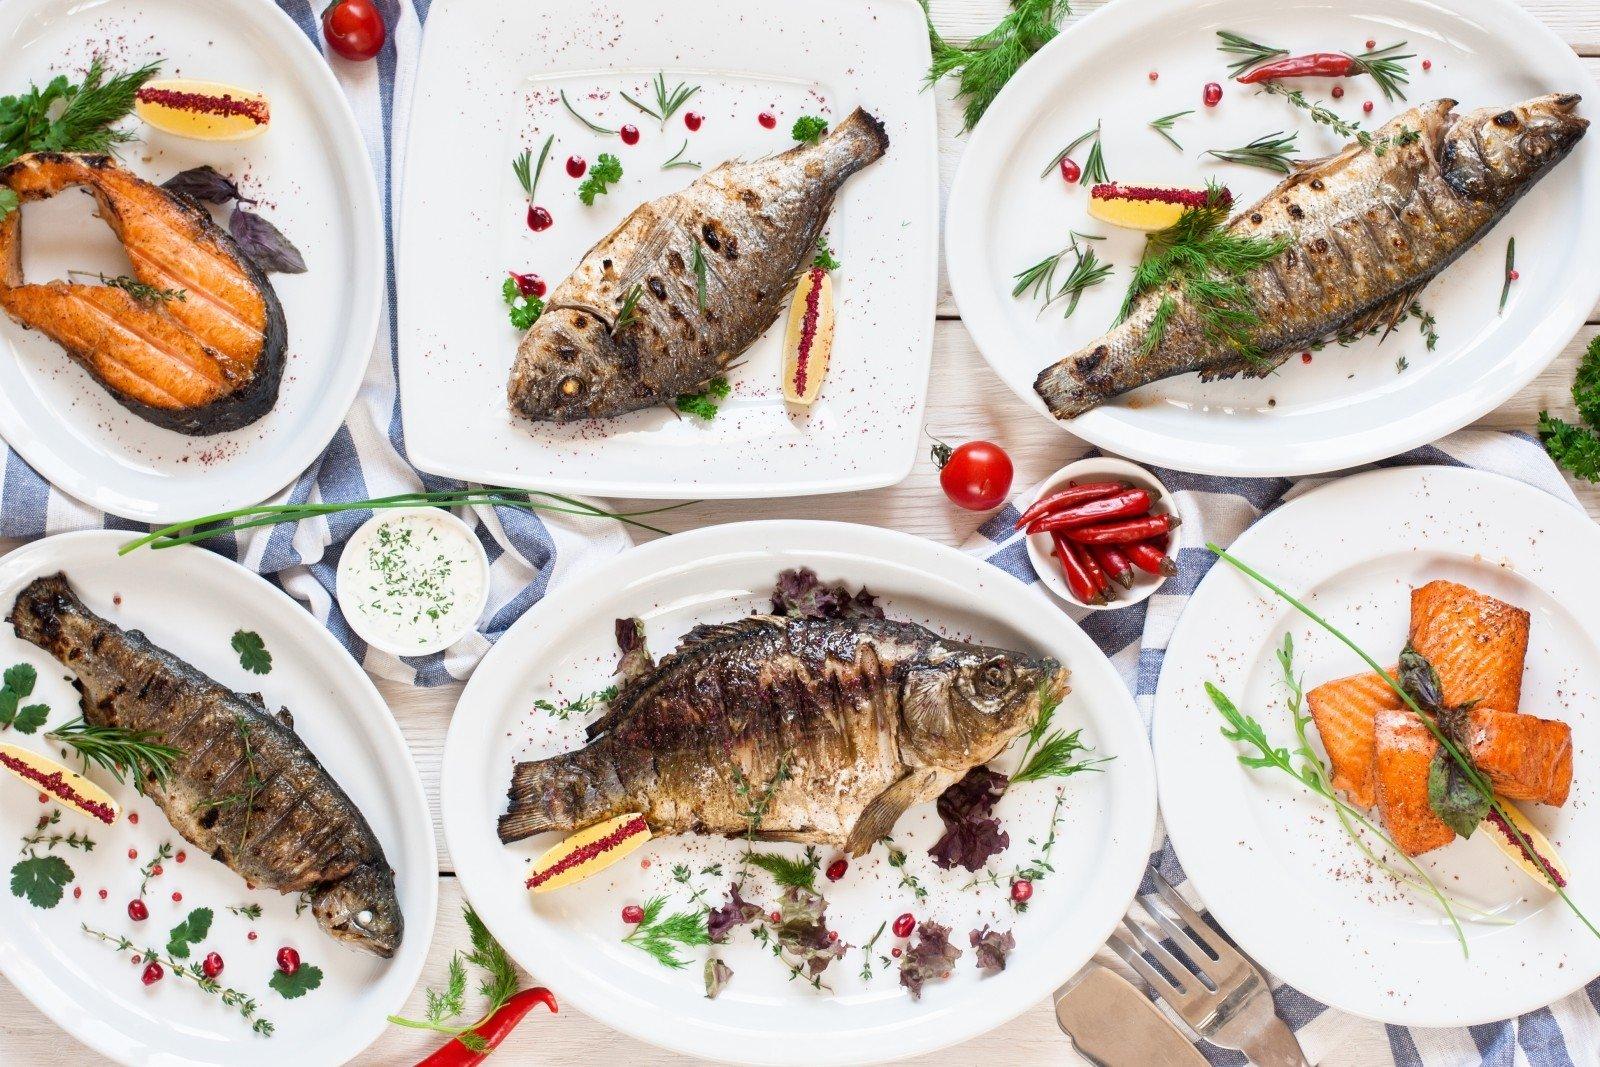 Žuvį valgyti sveika, tačiau kokios vertėtų atsisakyti   taf.lt